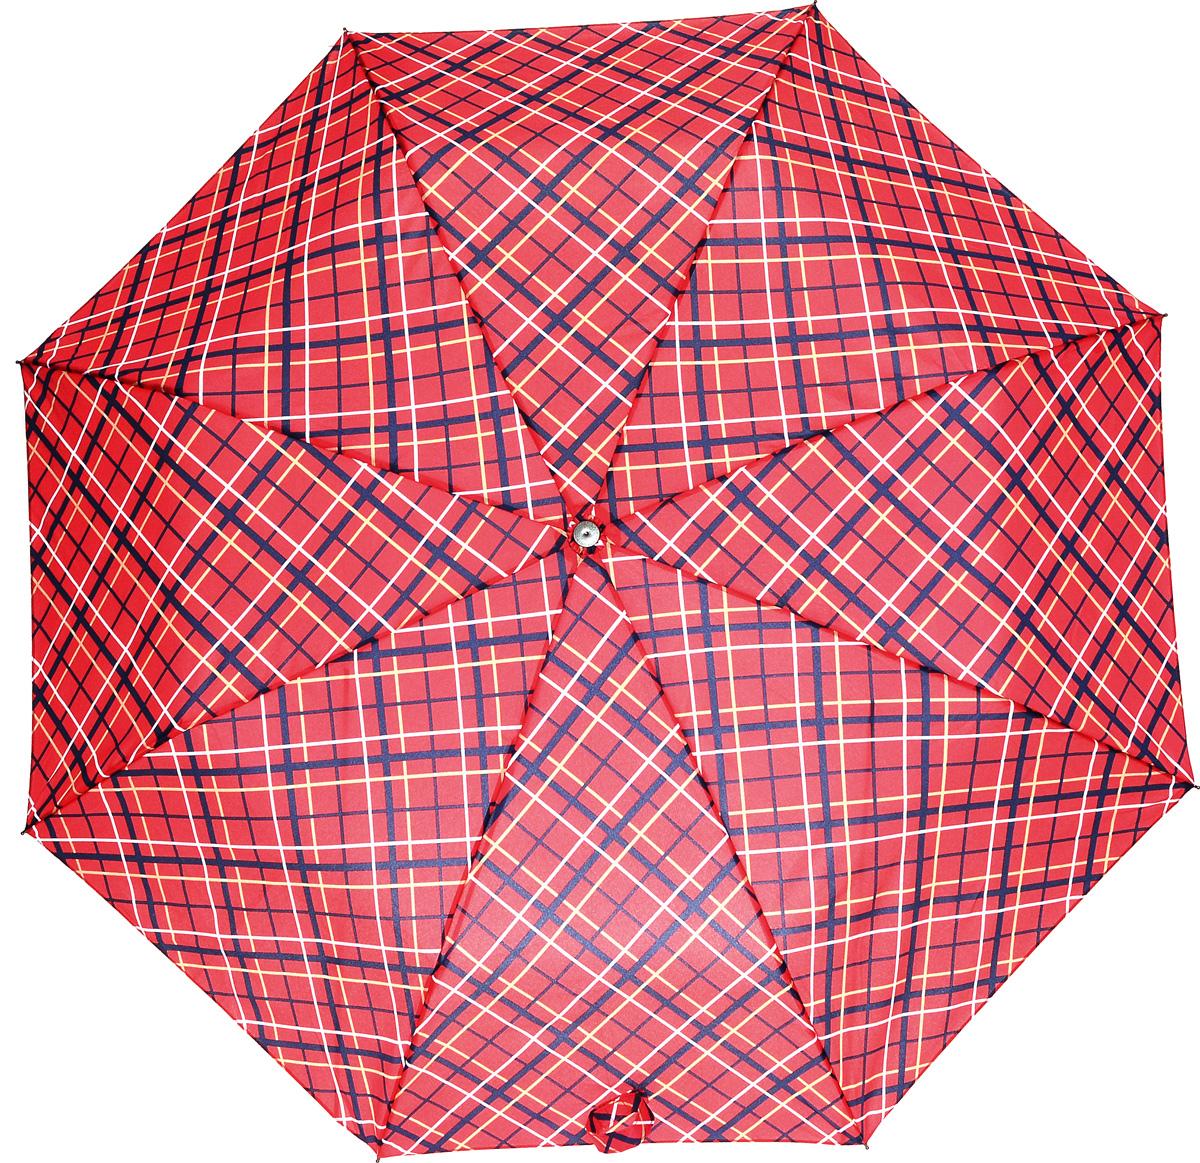 C-Collection 512-2 Зонт механический 3 сл. жен.Бусы-ниткаЗонт испанского производителя Clima. В производстве зонтов используются современные материалы, что делает зонты легкими, но в то же время крепкими. Механический, 3 сложения, 7 спиц по 55 см, полиэстер.